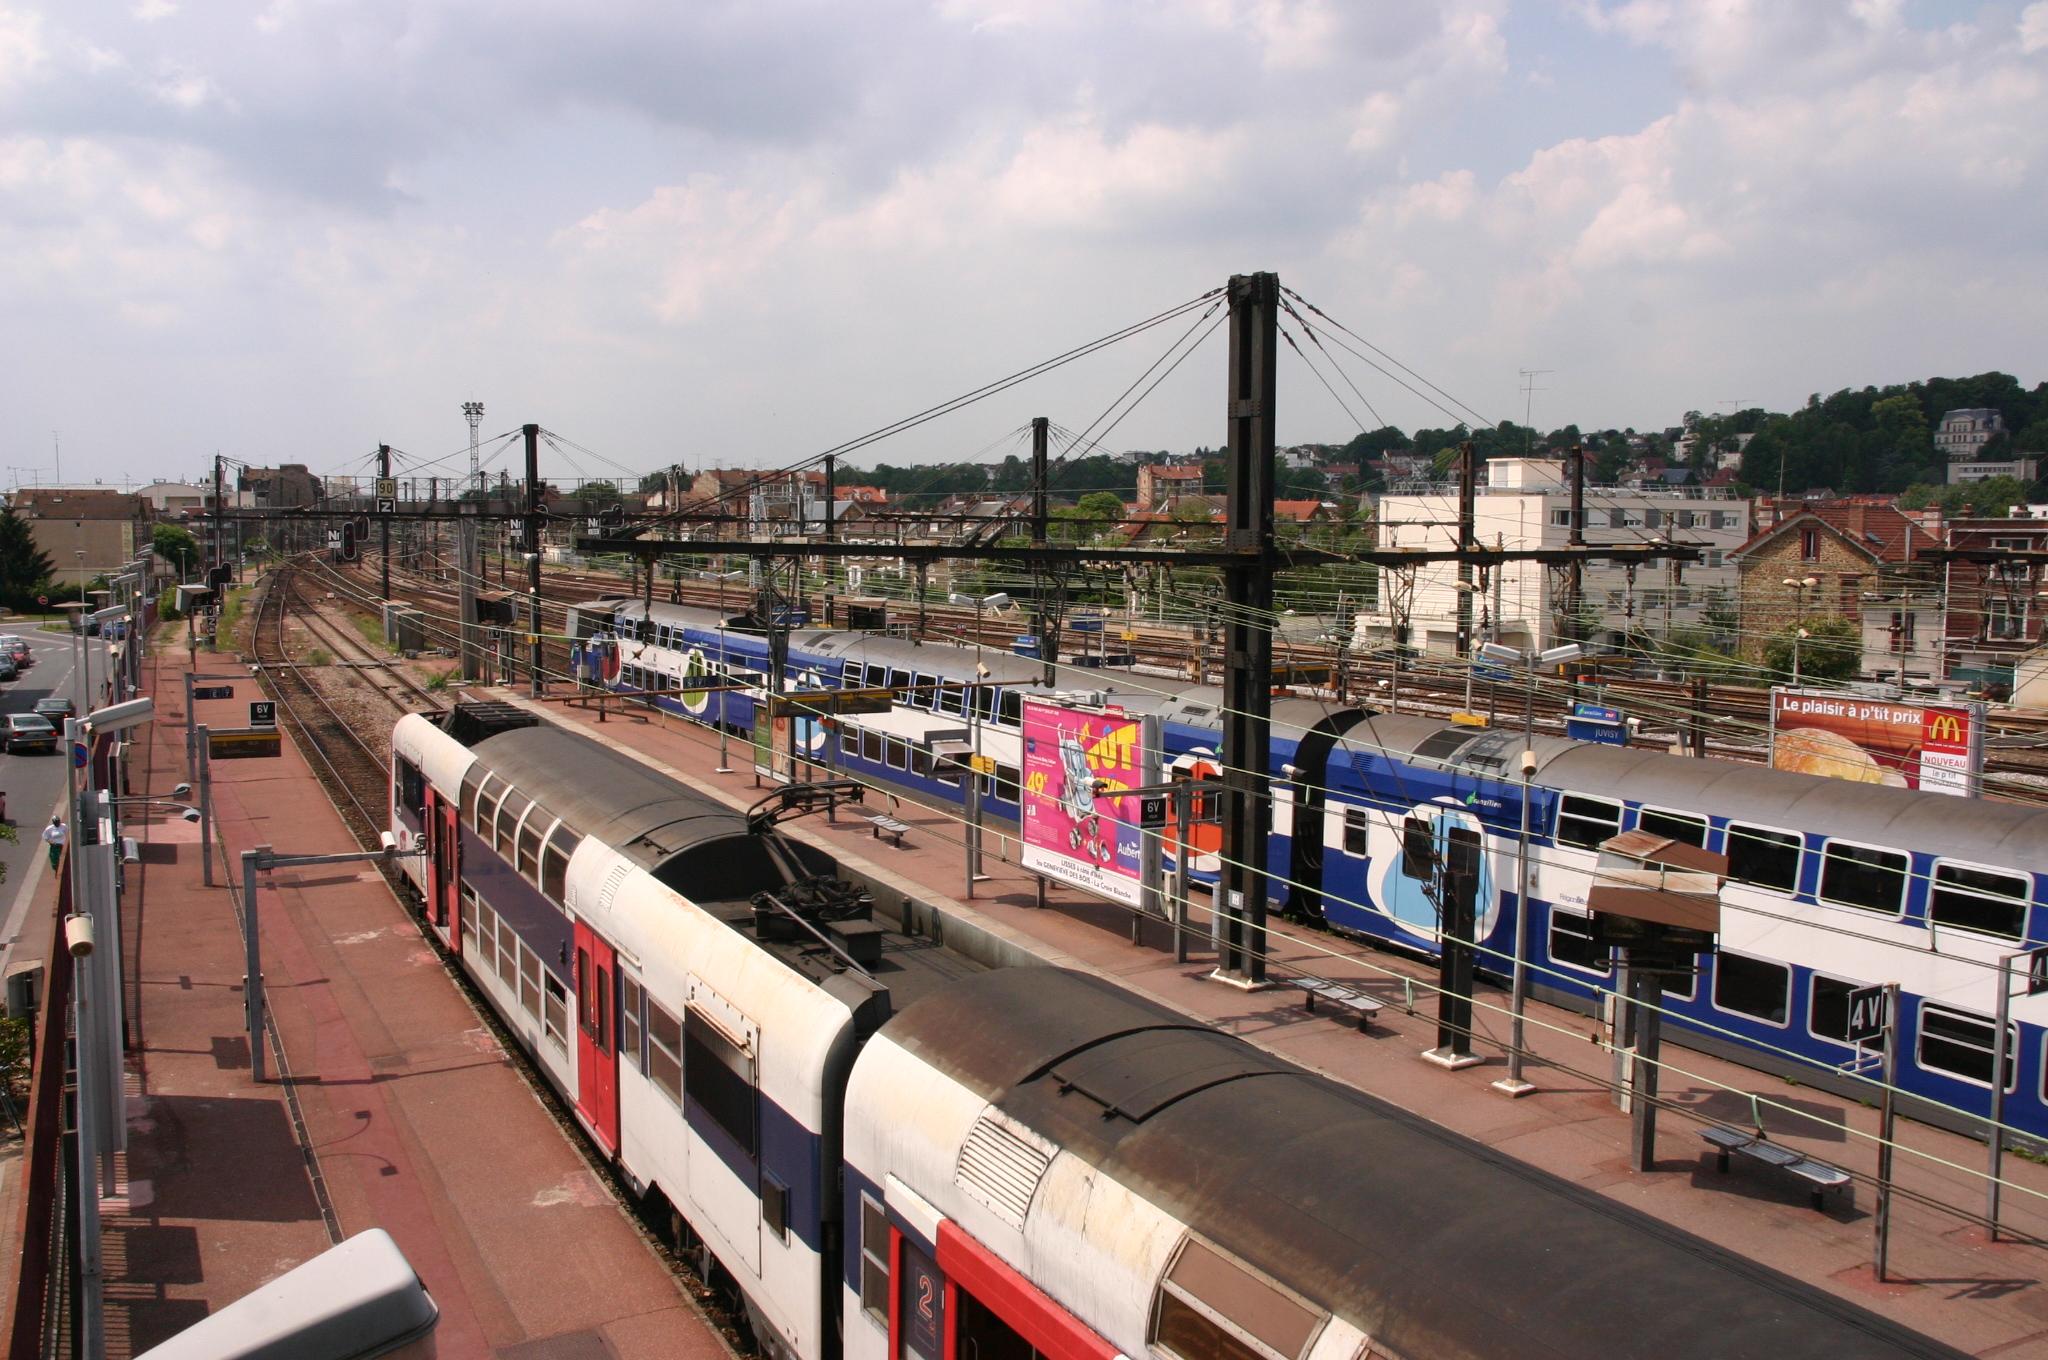 Gares : la SNCF signe son schéma directeur national d'accessibilité